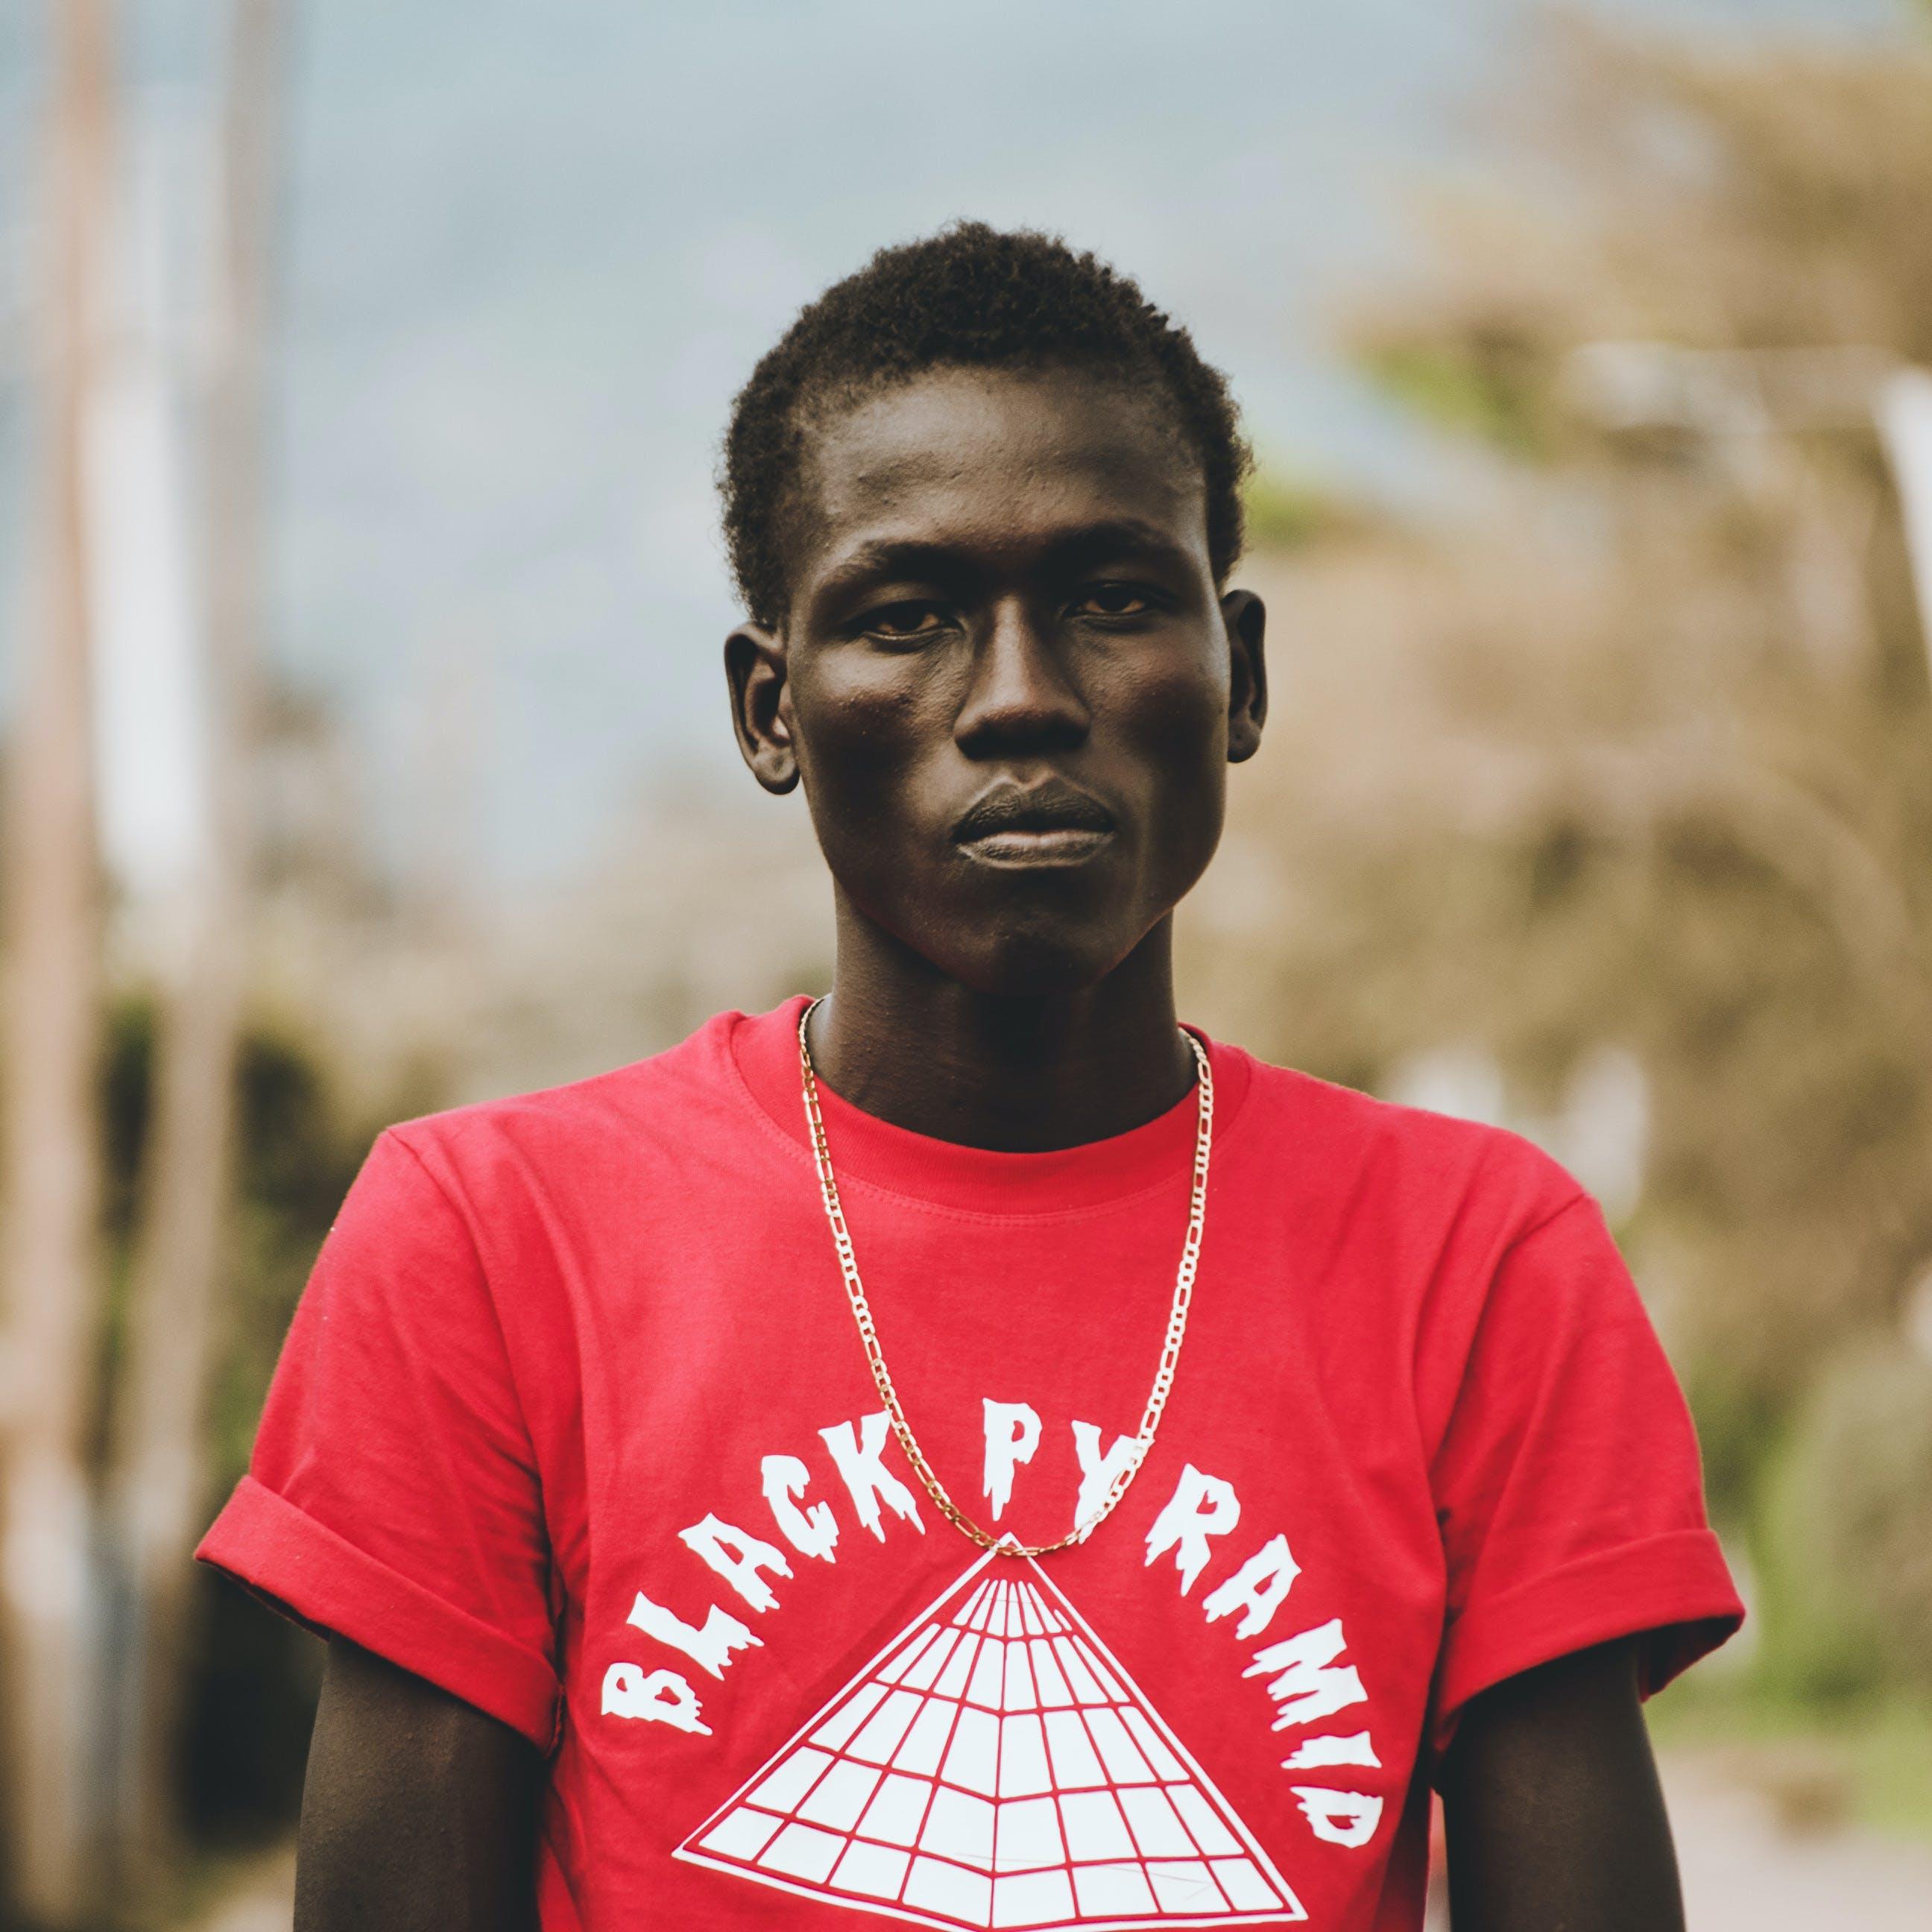 Kostenloses Stock Foto zu afrikanisch, ernst, erwachsener, fokus